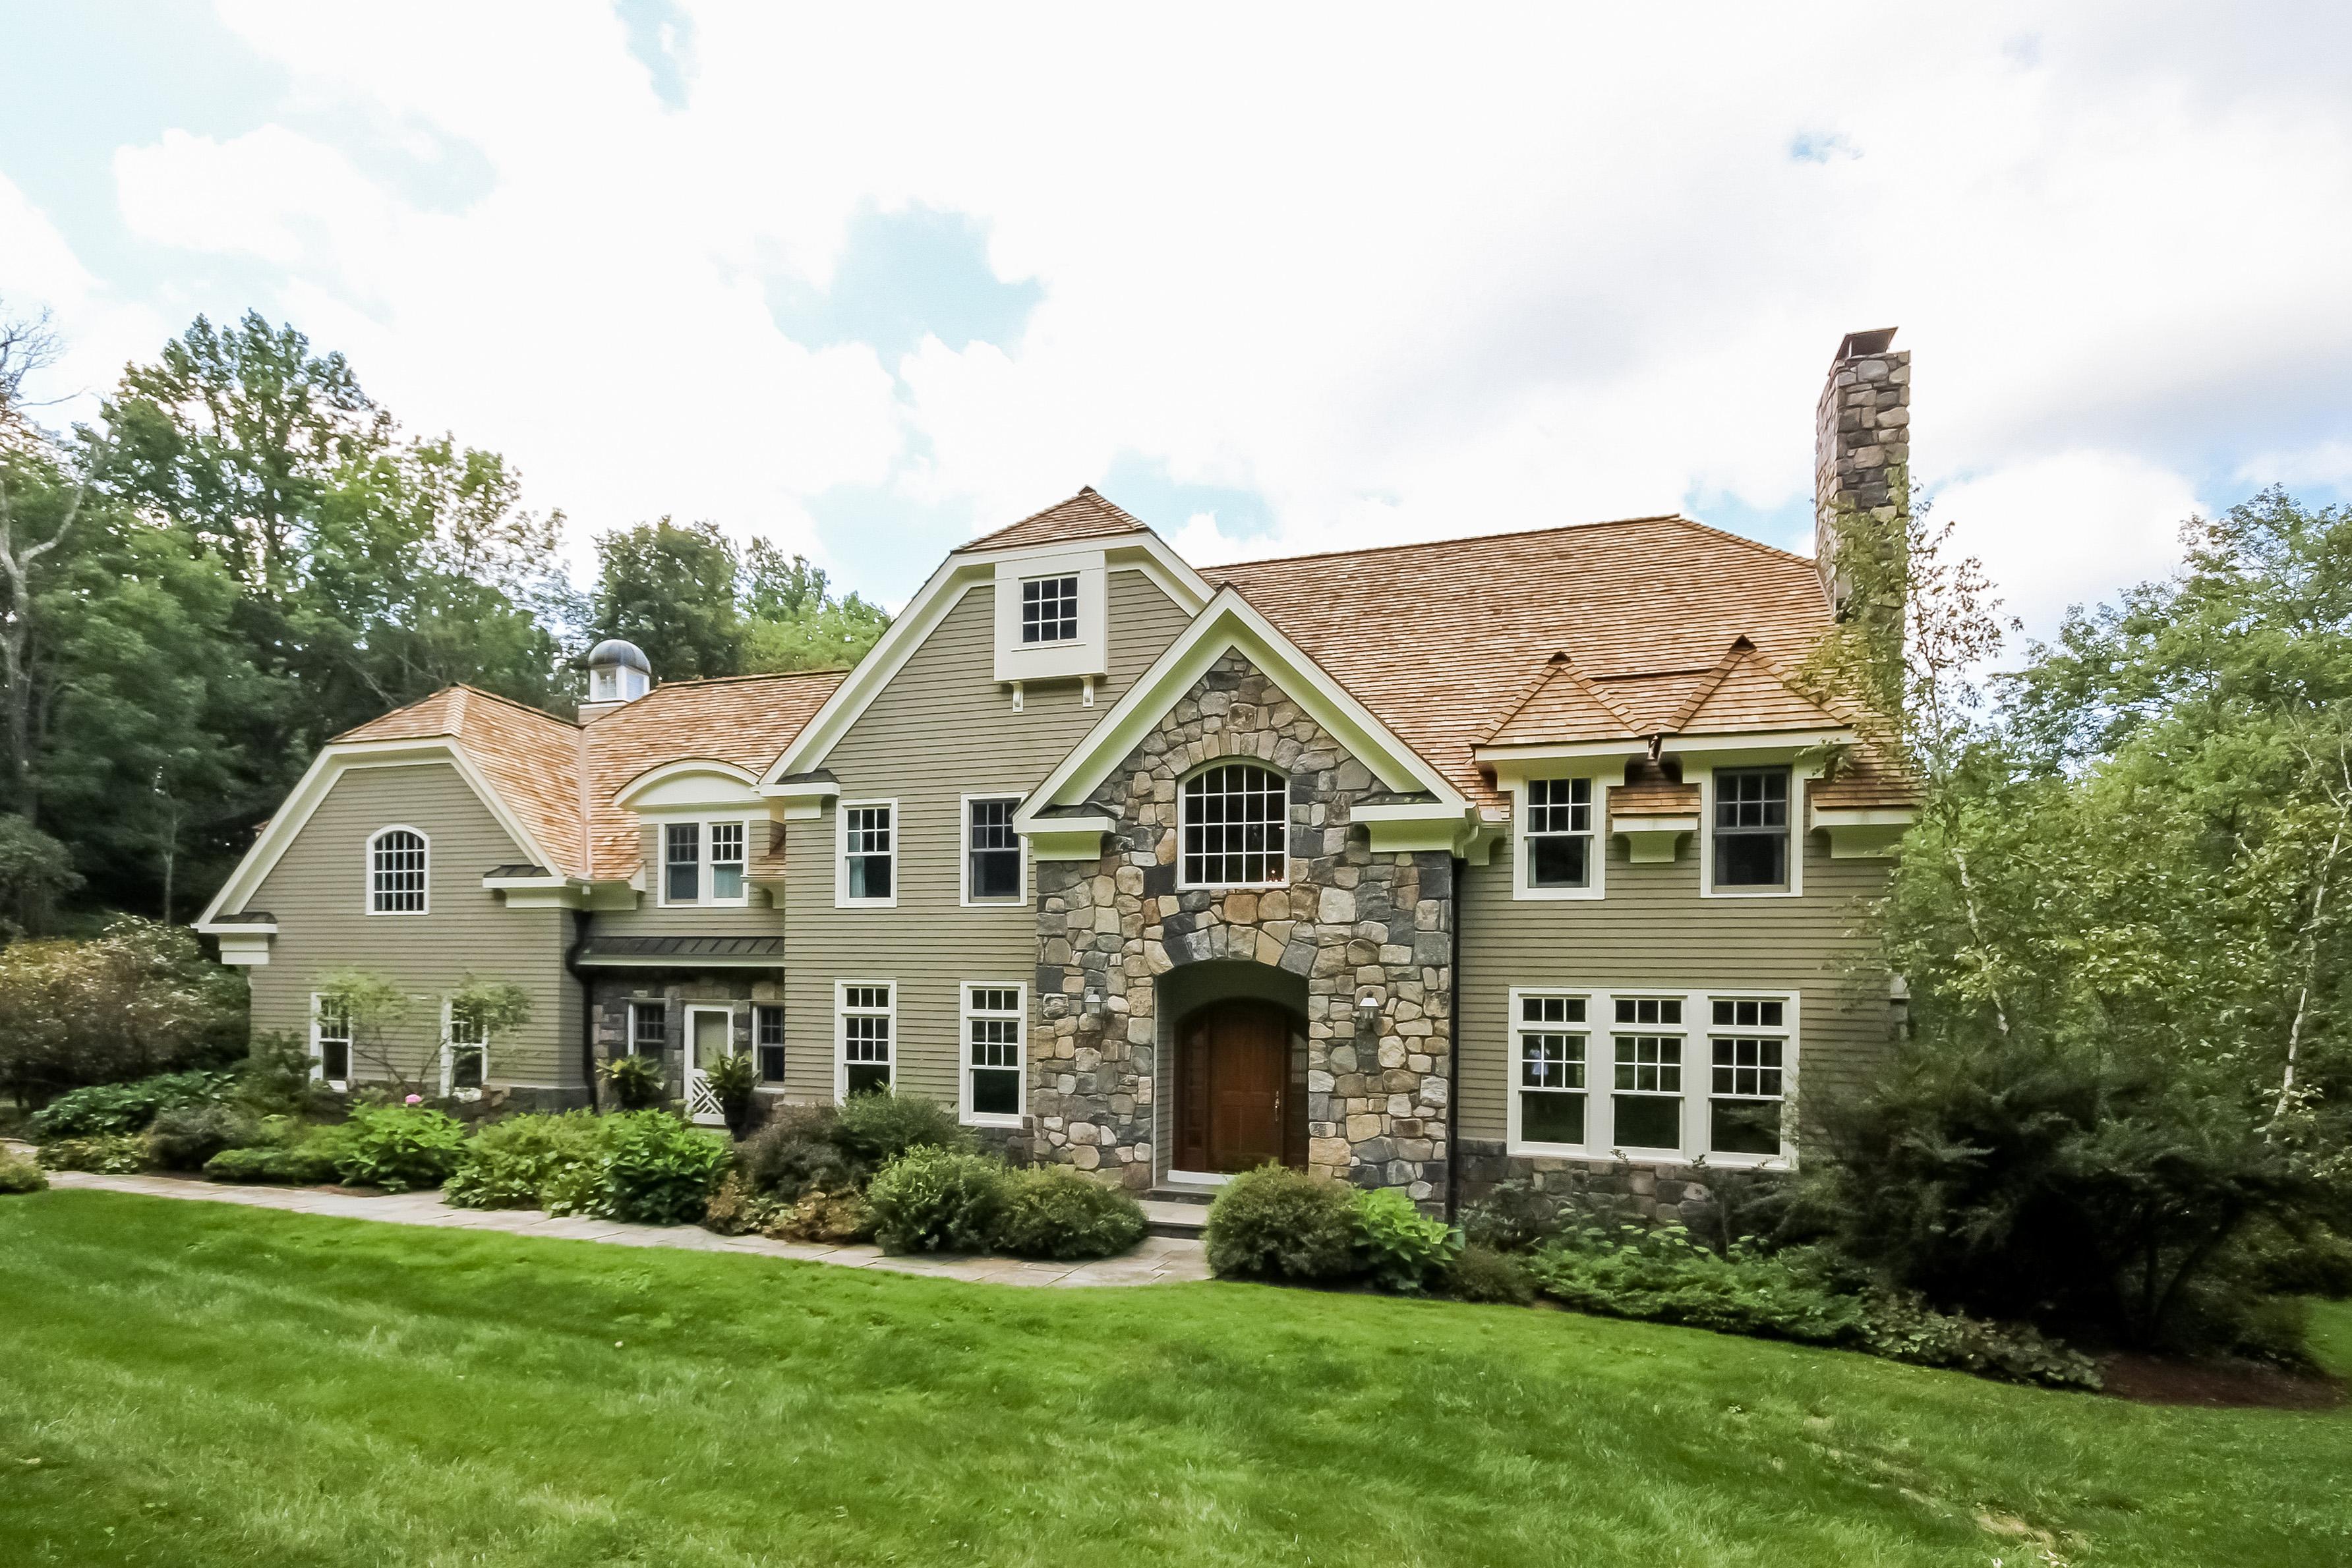 Casa Unifamiliar por un Venta en Sophisticated Shingle Style Home 15 Cedar Lane Ridgefield, Connecticut, 06877 Estados Unidos